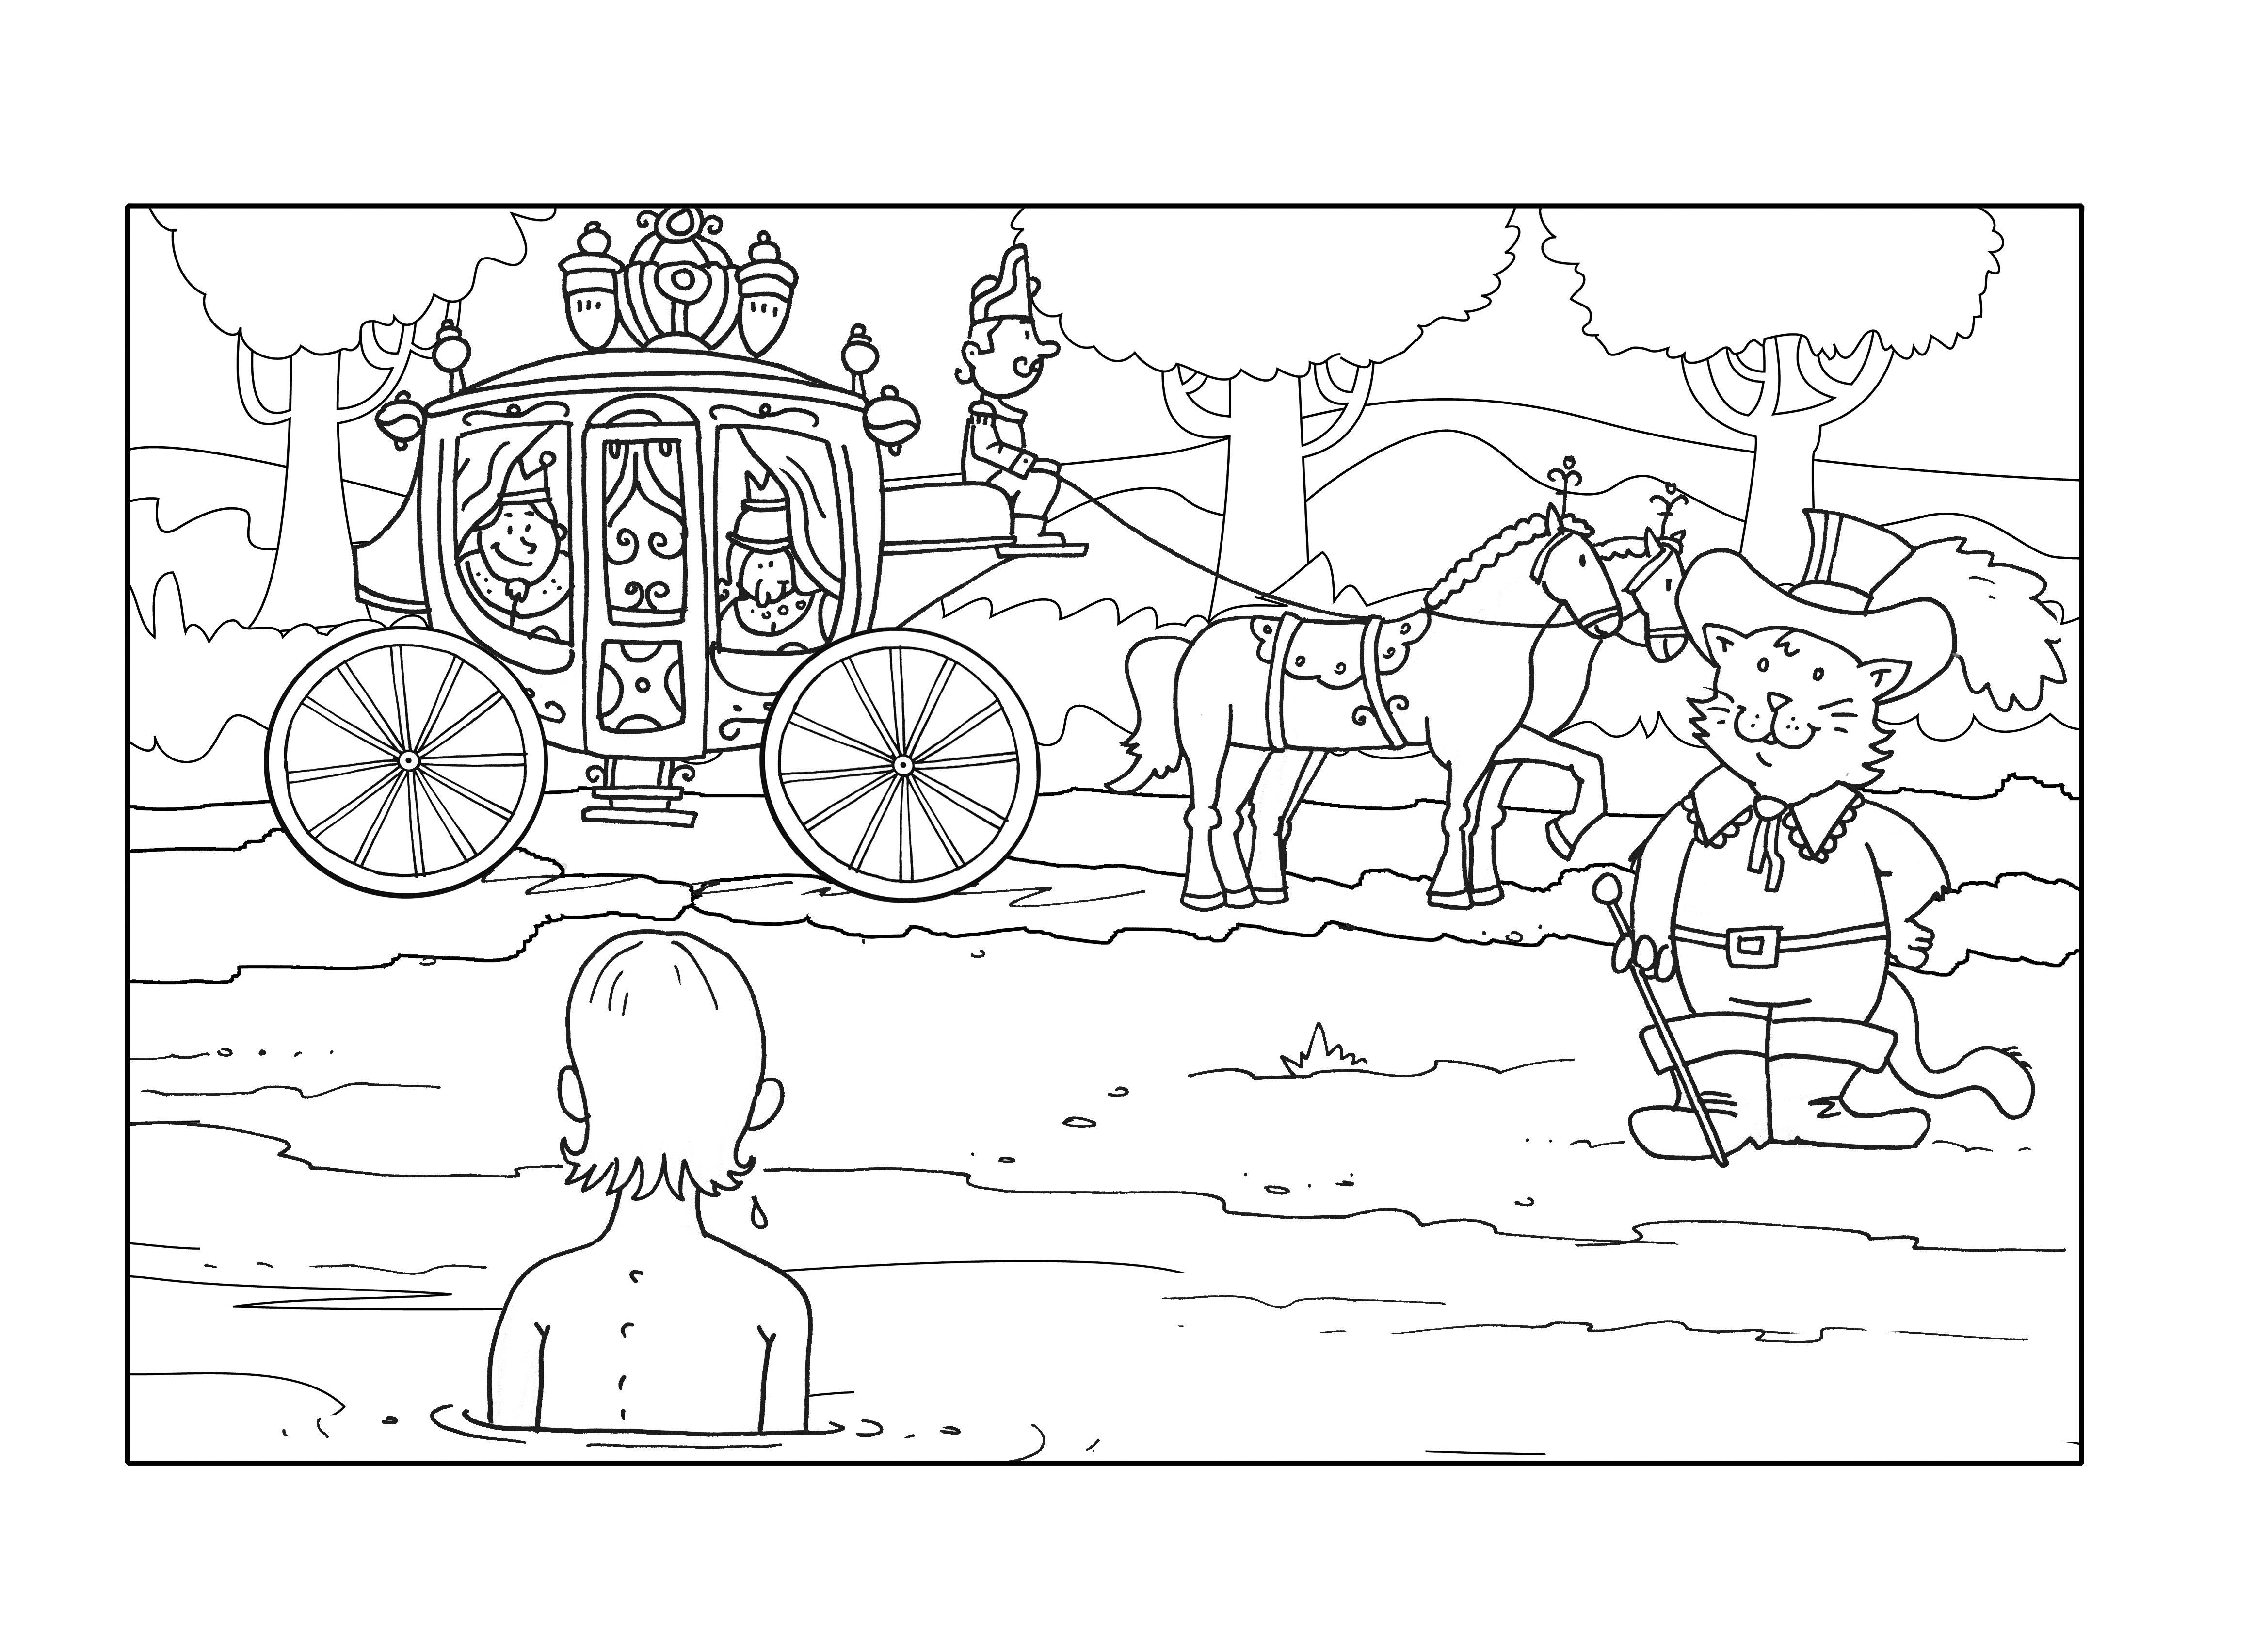 Ausmalbild Prinz und Prinzessin | Ausmalbilder für kreative Kinder ...